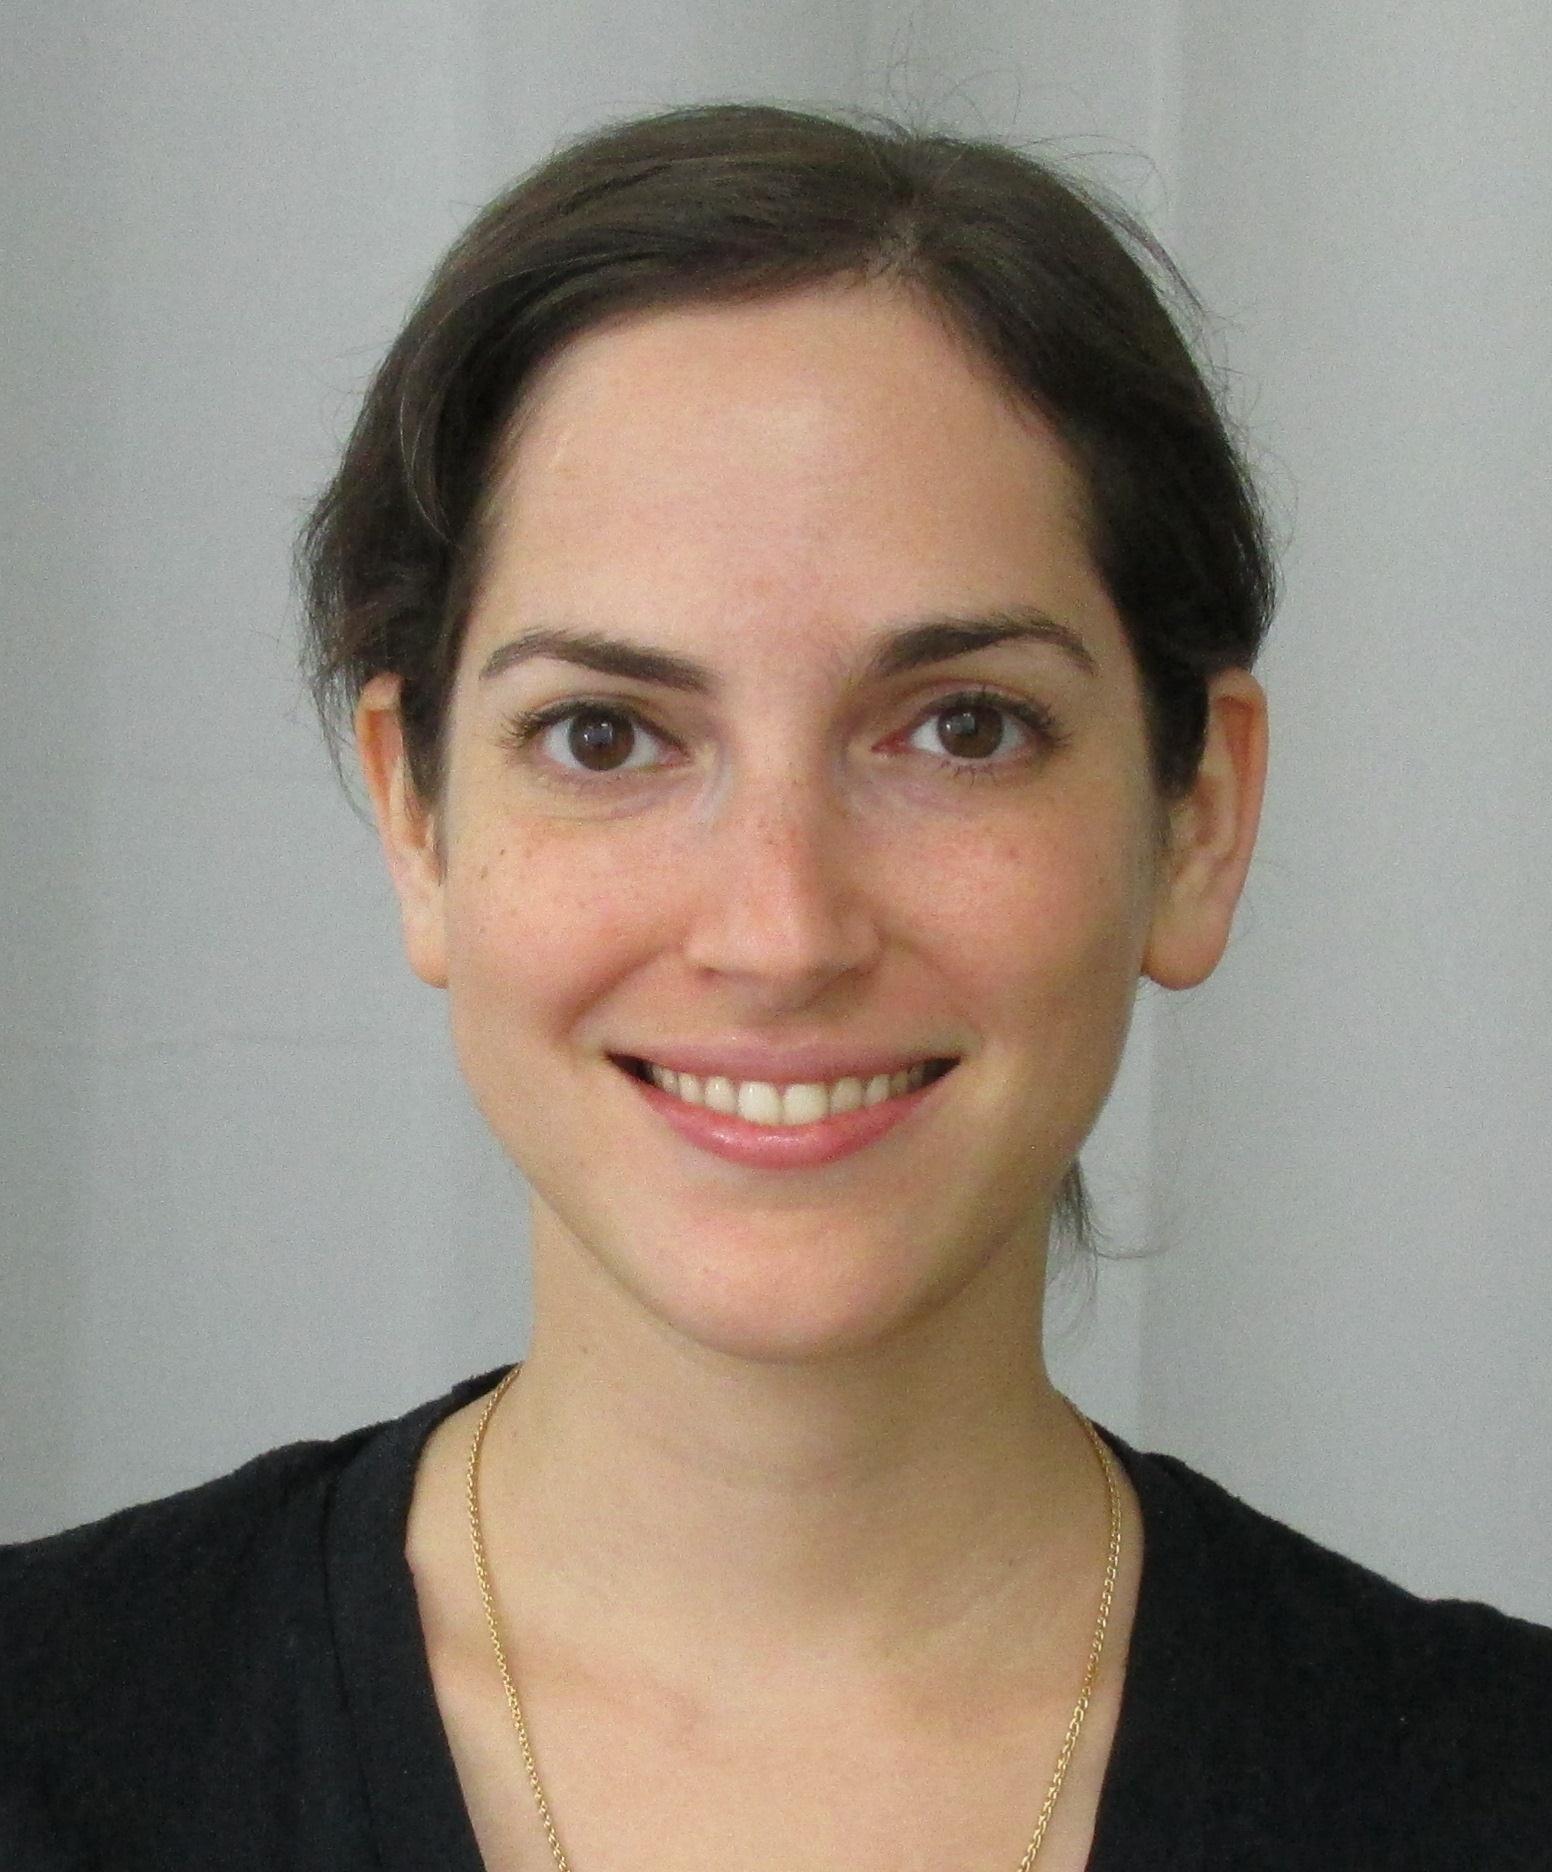 image of Dr. Aviyah Peri